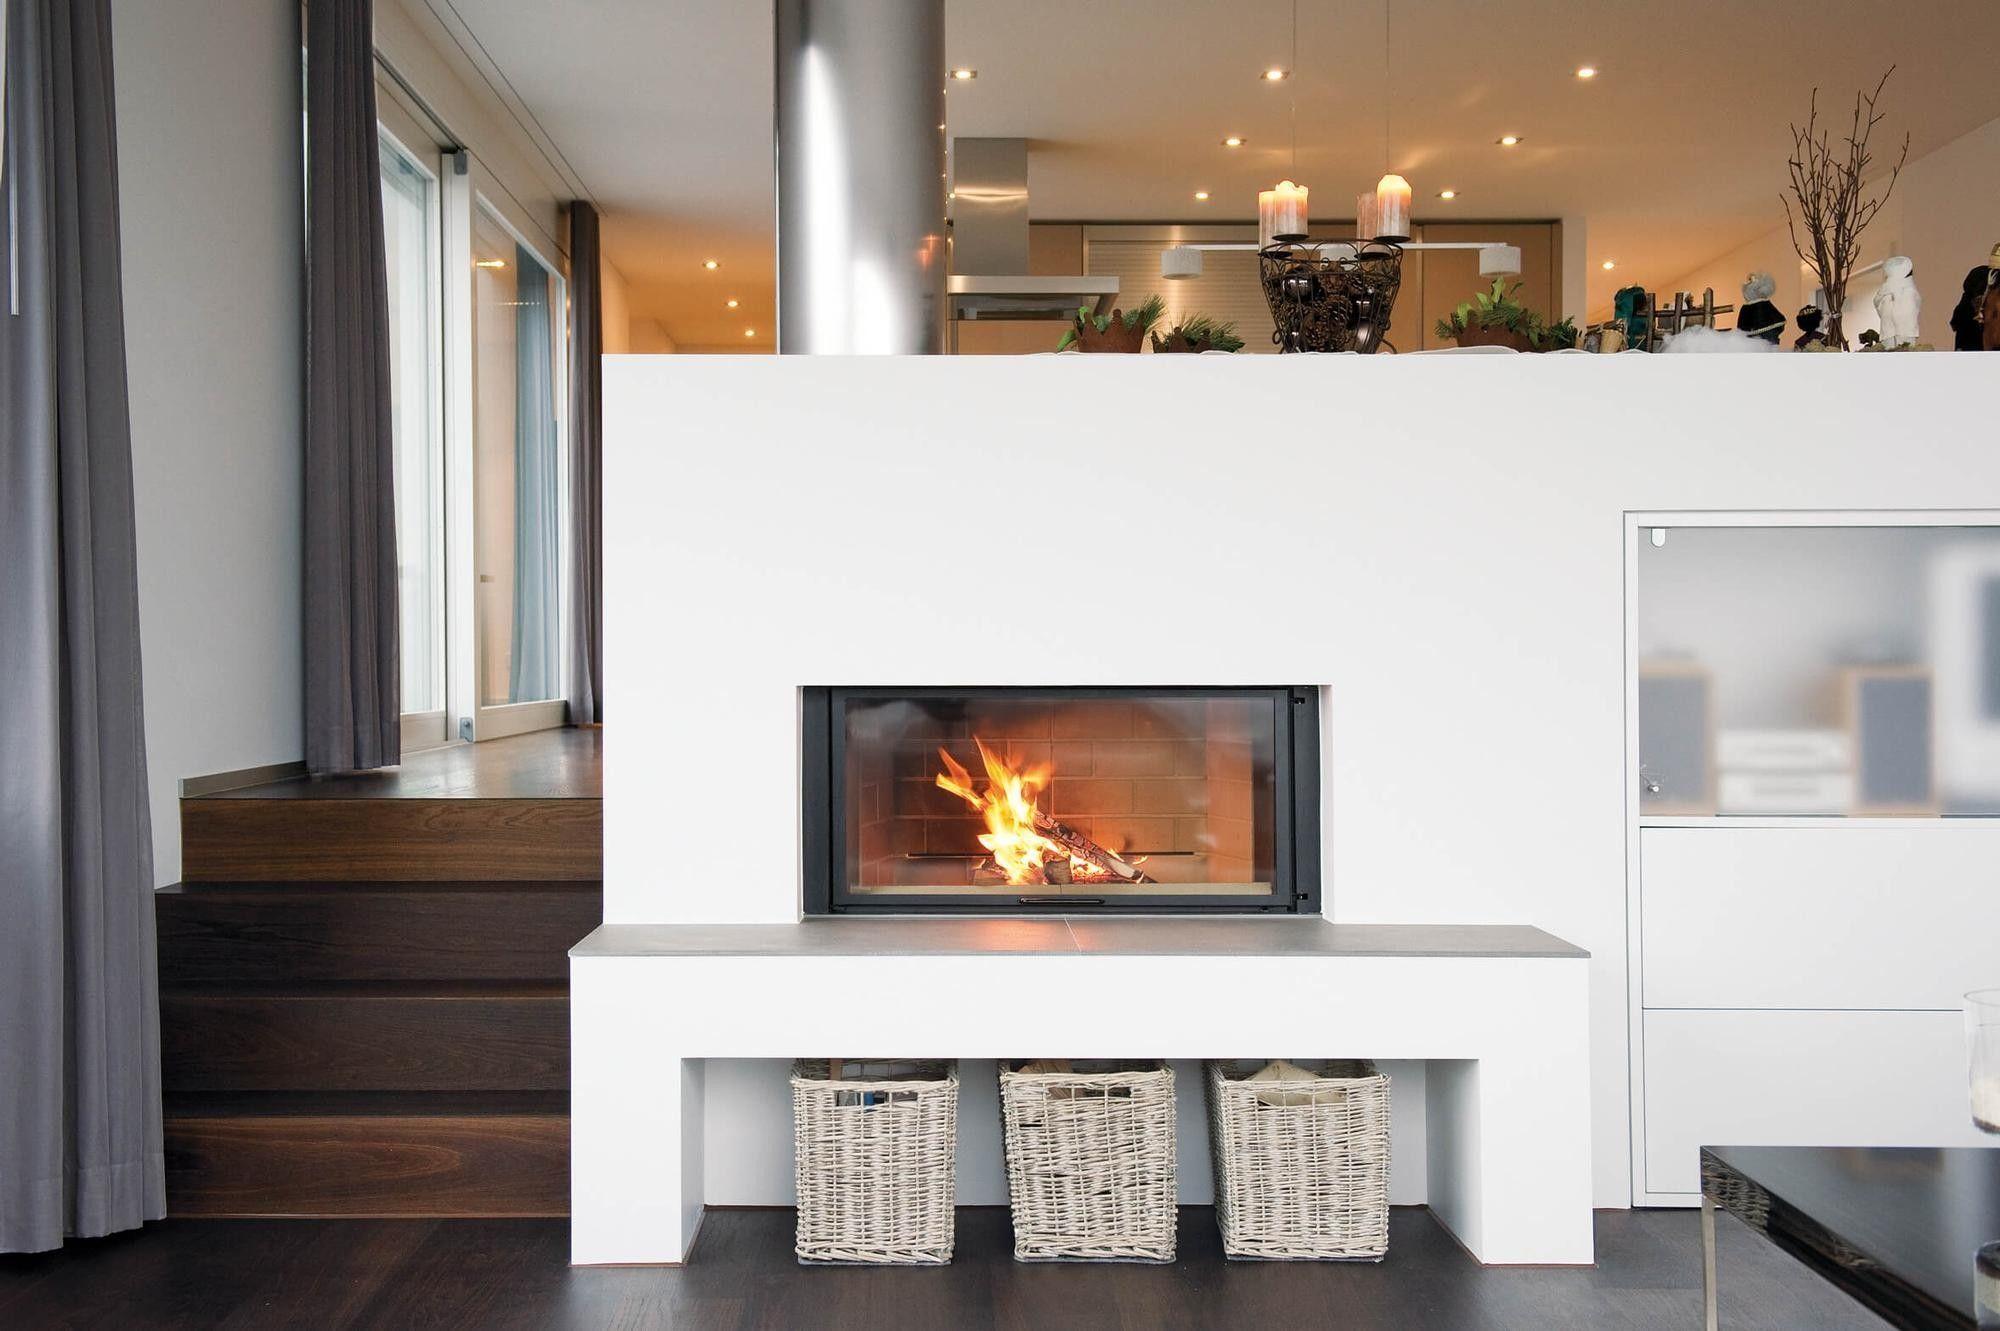 cheminee insert double face 50 idees de deco d interieur fire